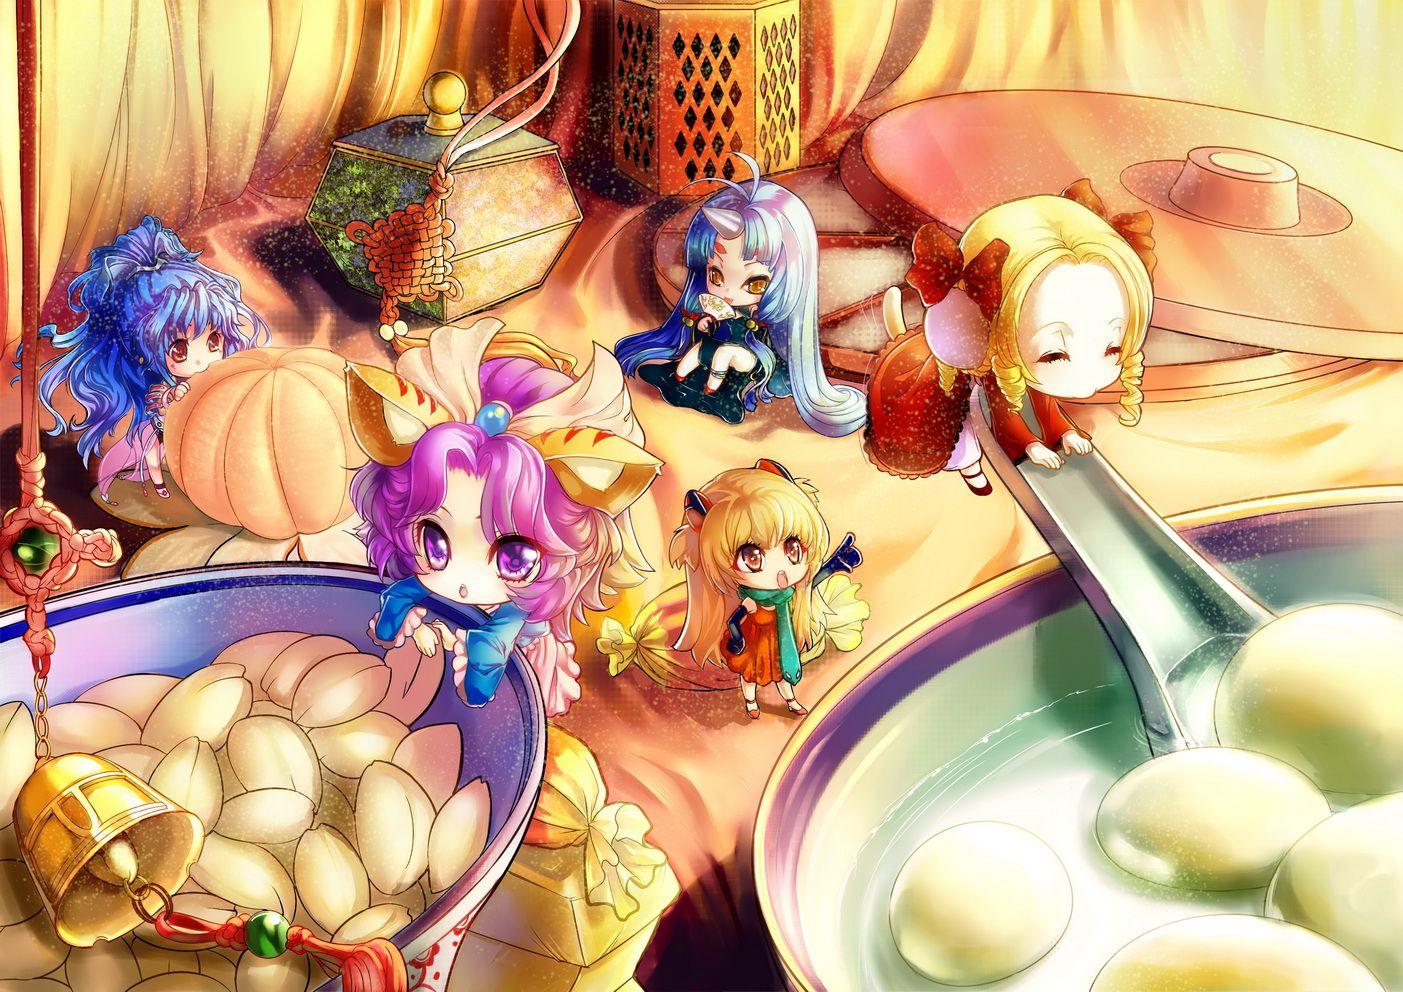 Chibi anime wallpaper google search fantasy manga - Google anime wallpaper ...